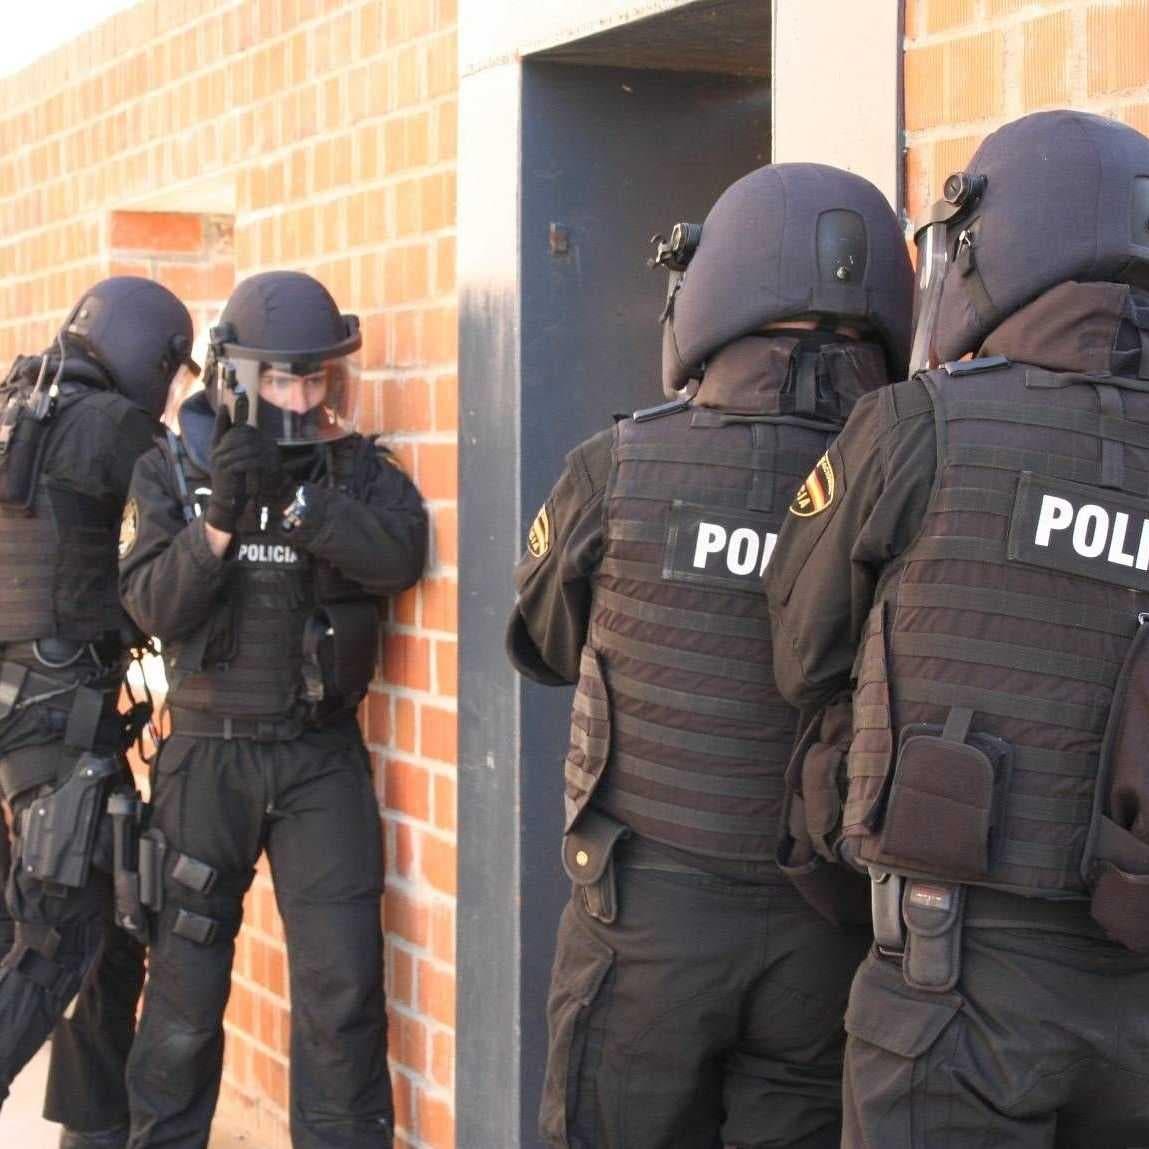 اسبانيا تقبض على 4 متهمين بالترويج للتطرف